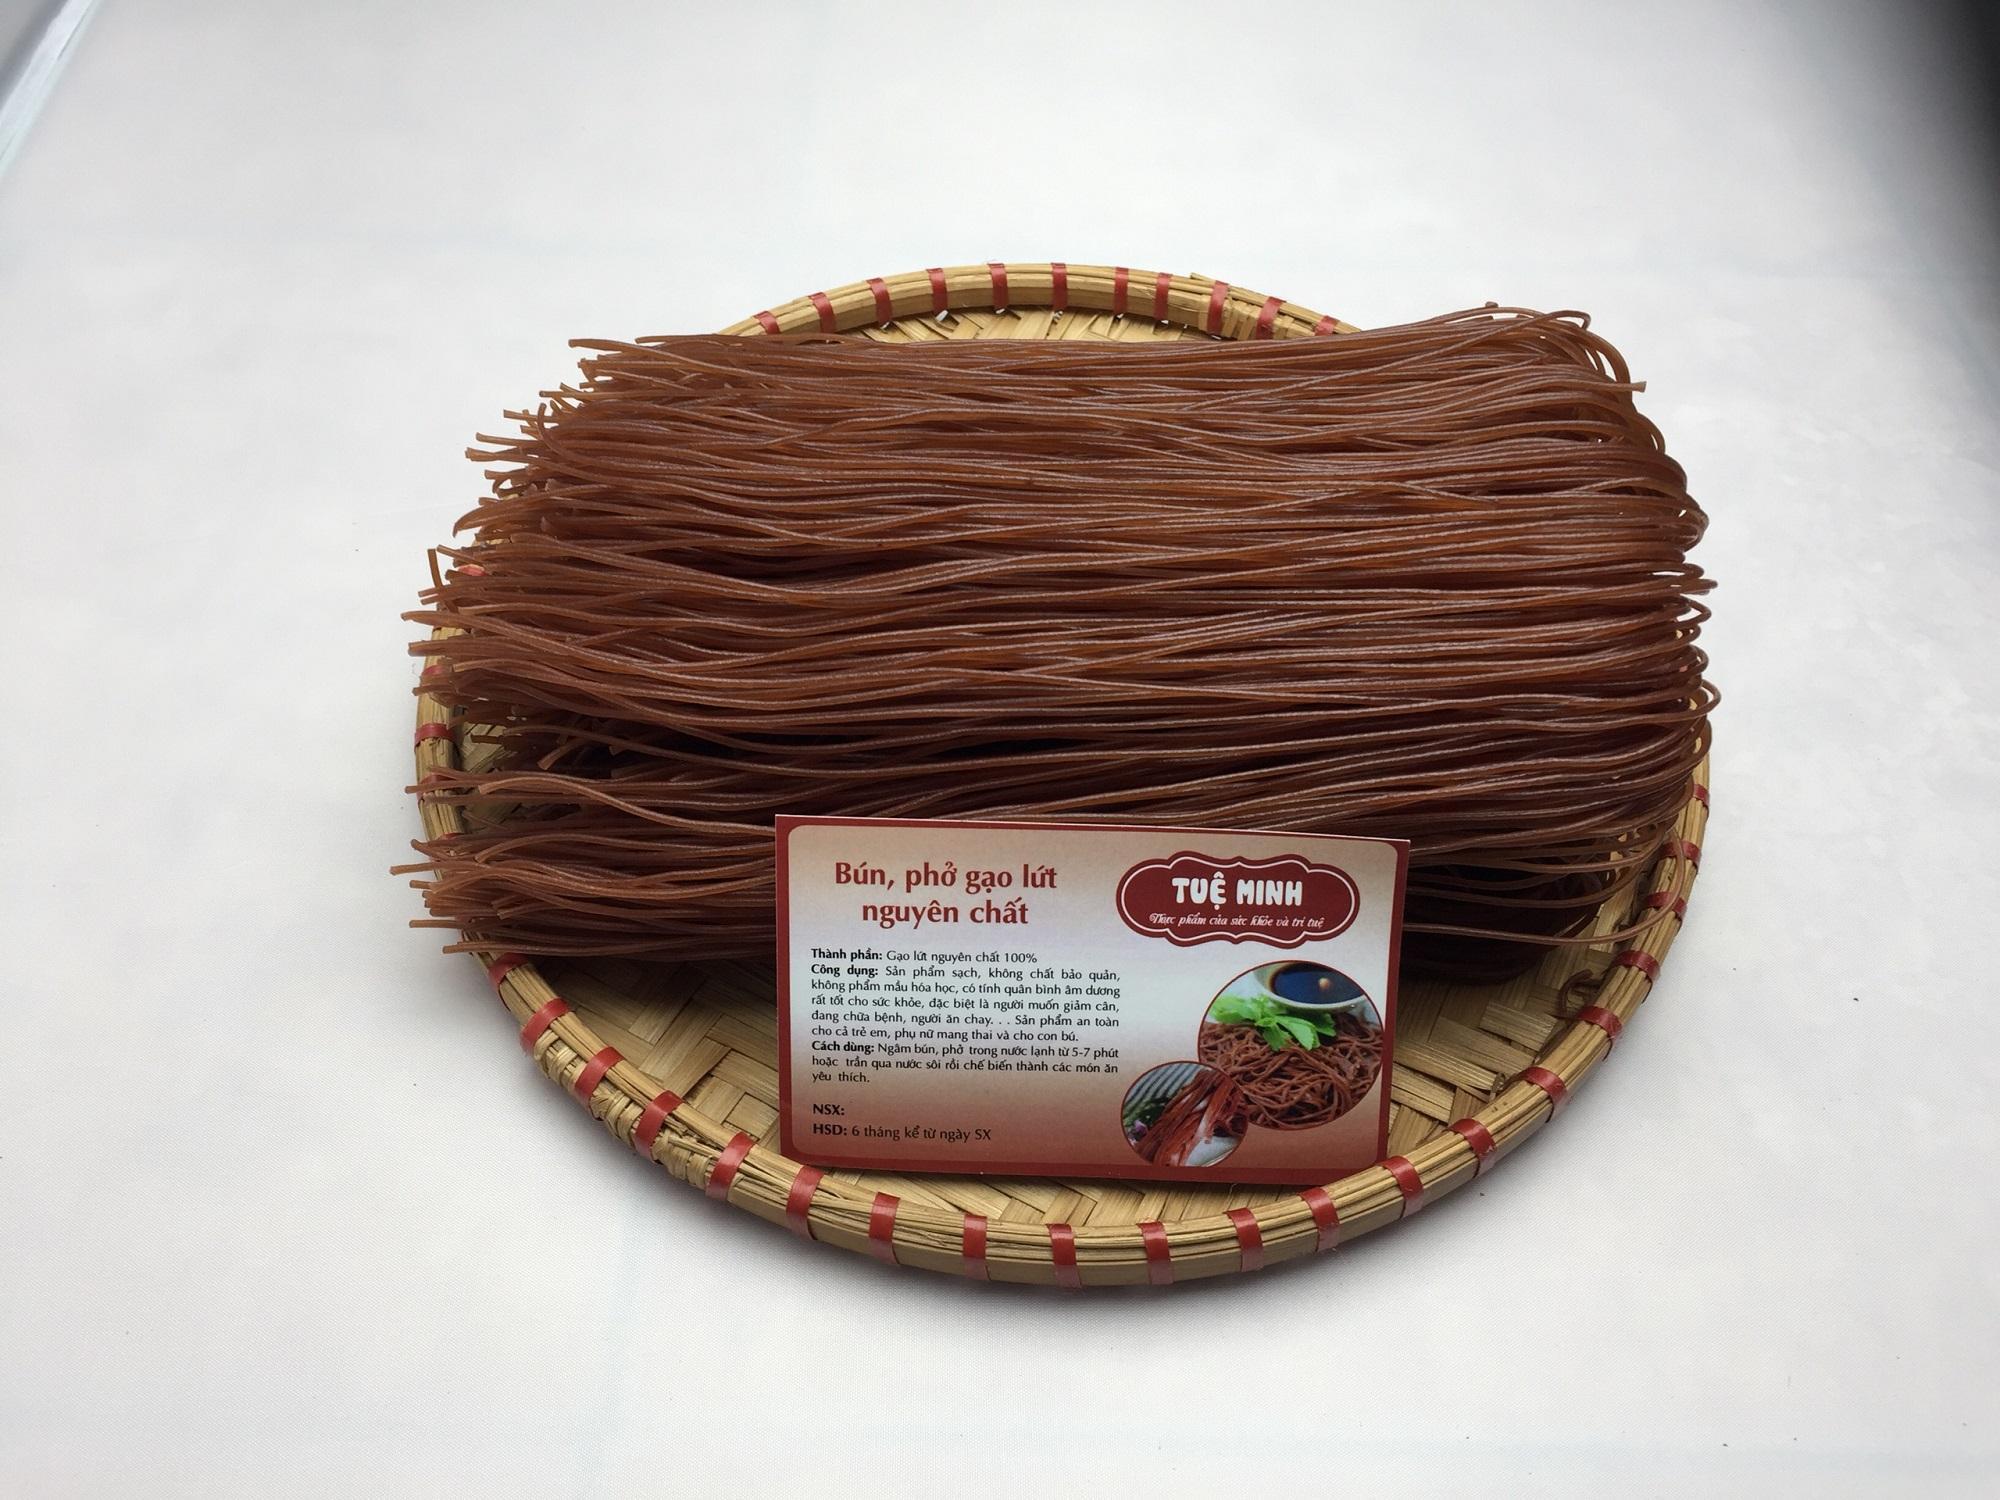 Bún gạo lứt nguyên chất Tuệ Minh  500gr